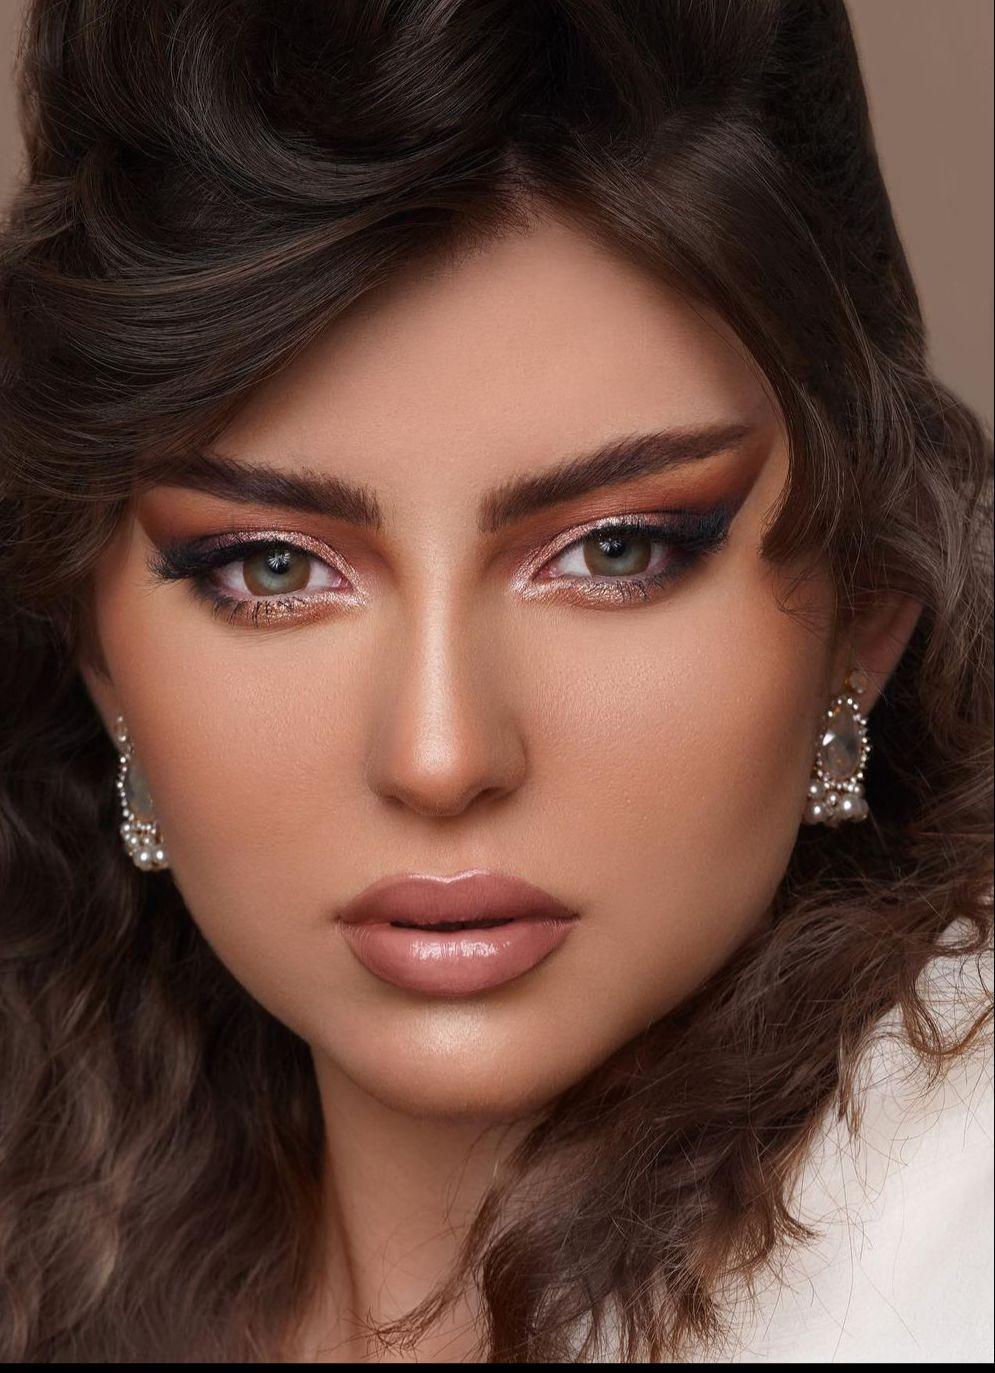 1 مكياج سموكي لامع باللون الاسود من خبيرة التجميل تهاني -الصورة من حسابها على الانستغرام